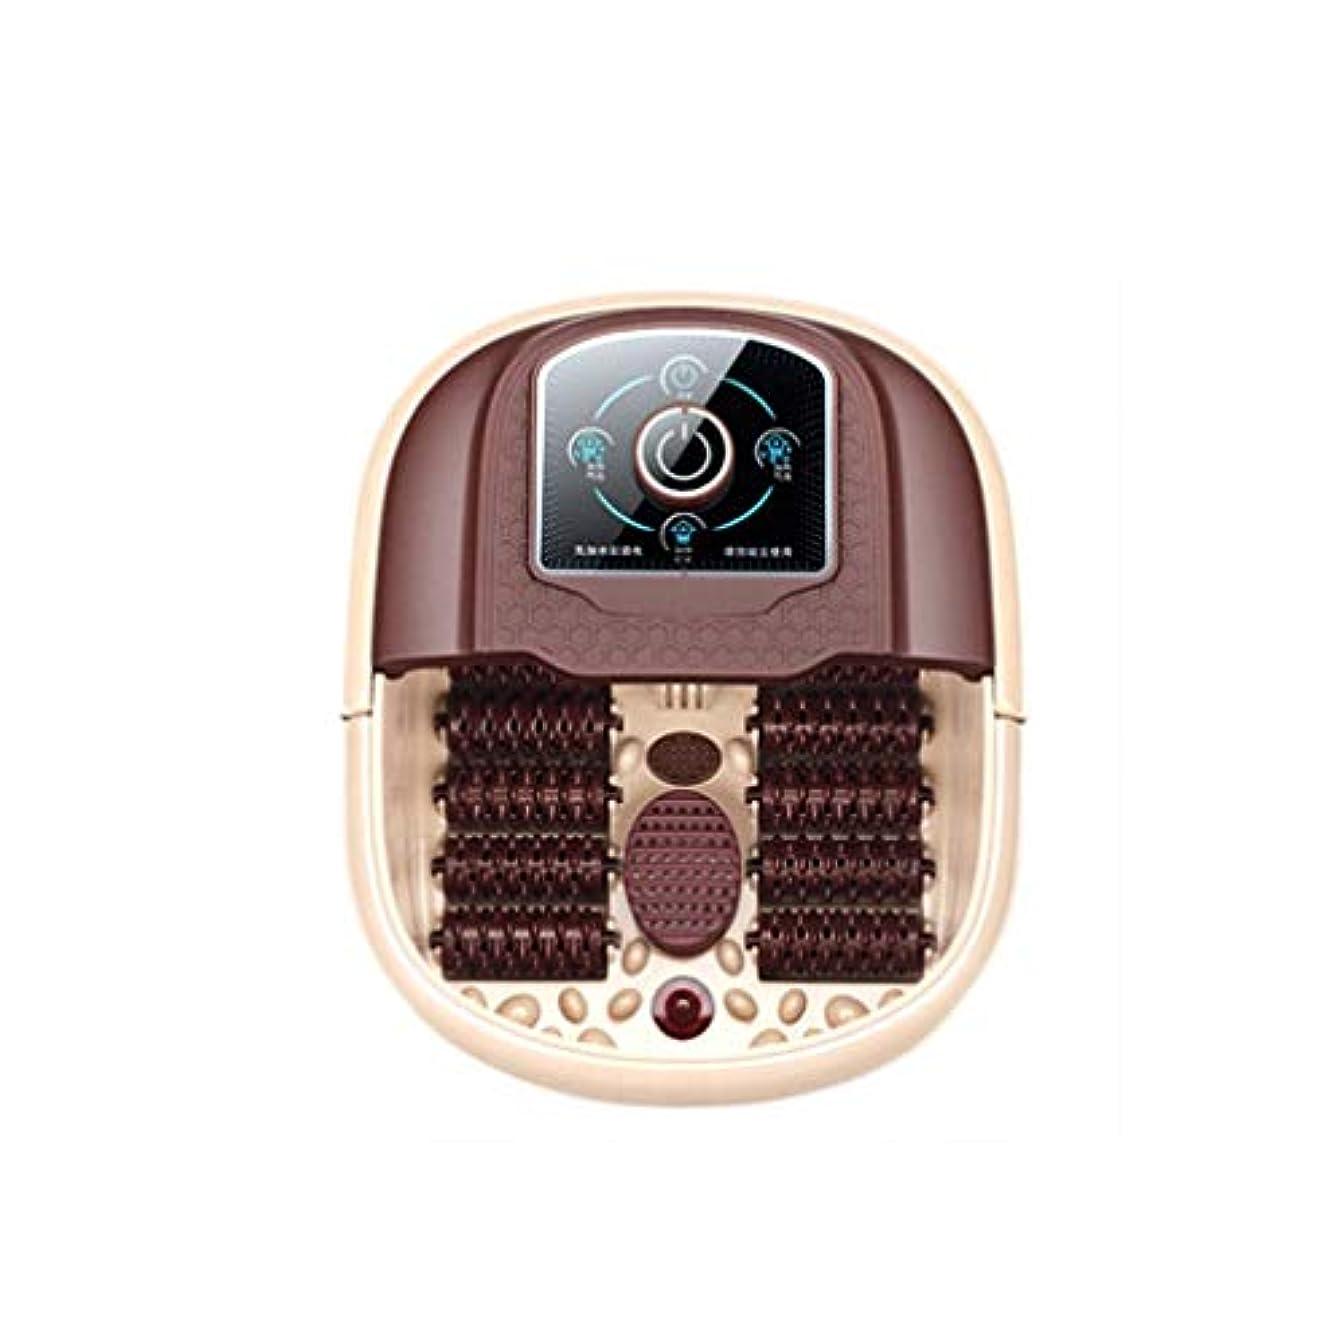 生きる回転名前で友人や親戚のために足浴槽自動暖房フットホームヘルスフットマッサージフットバスプロモーションギフト